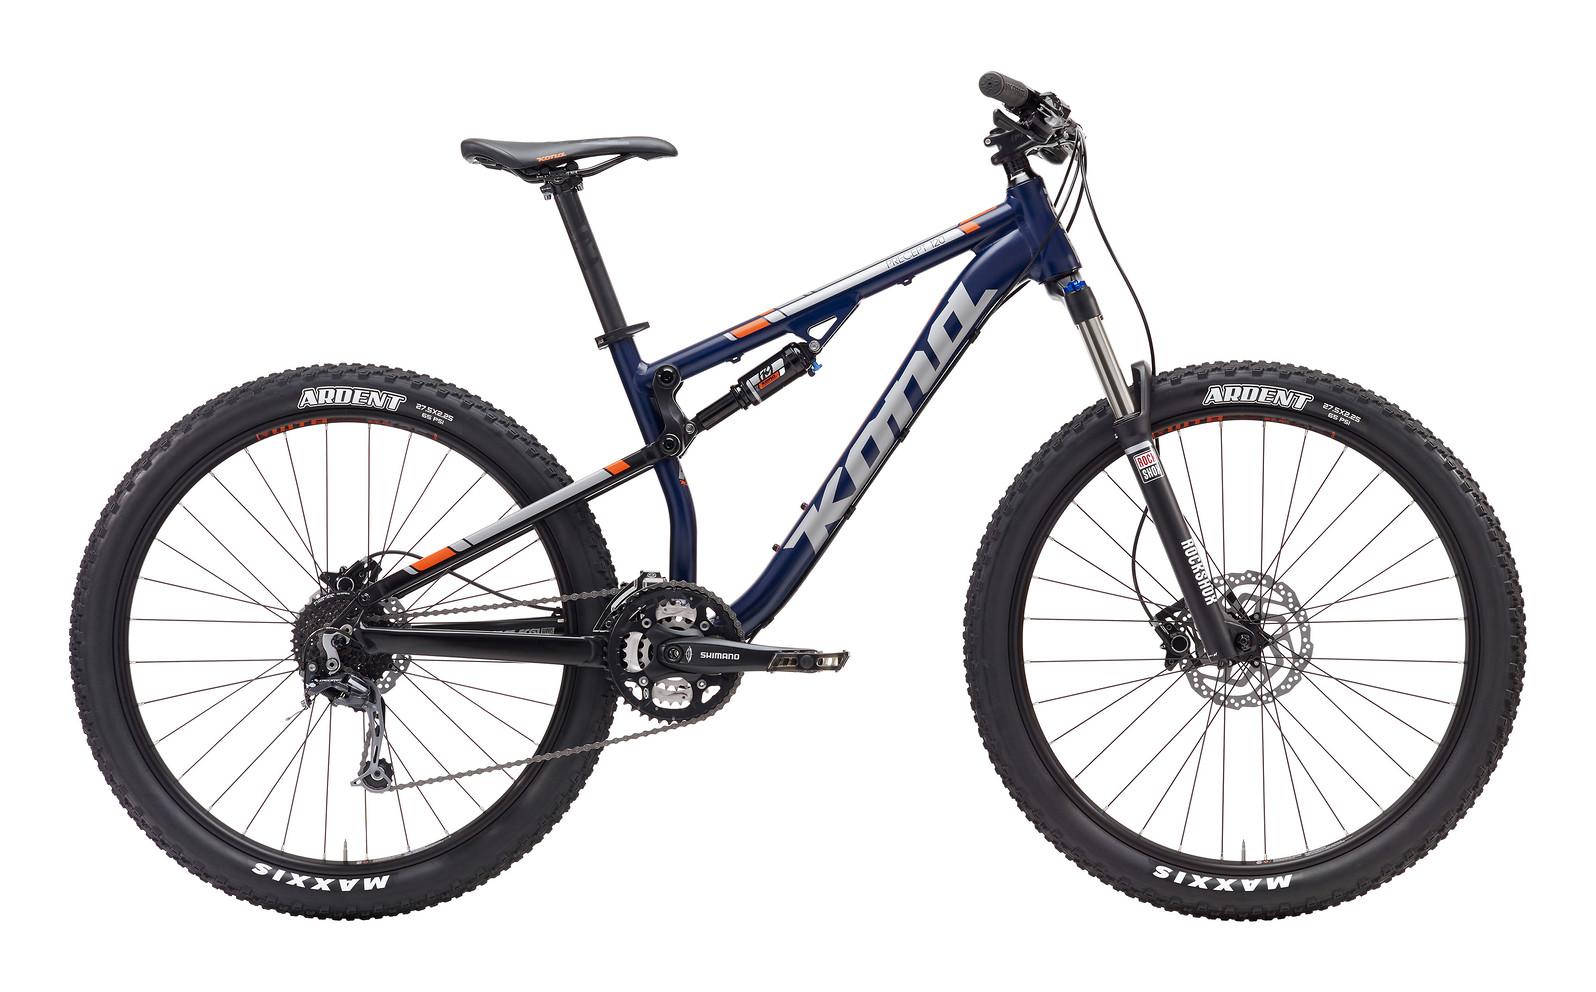 2017 Kona Precept 120 Bike